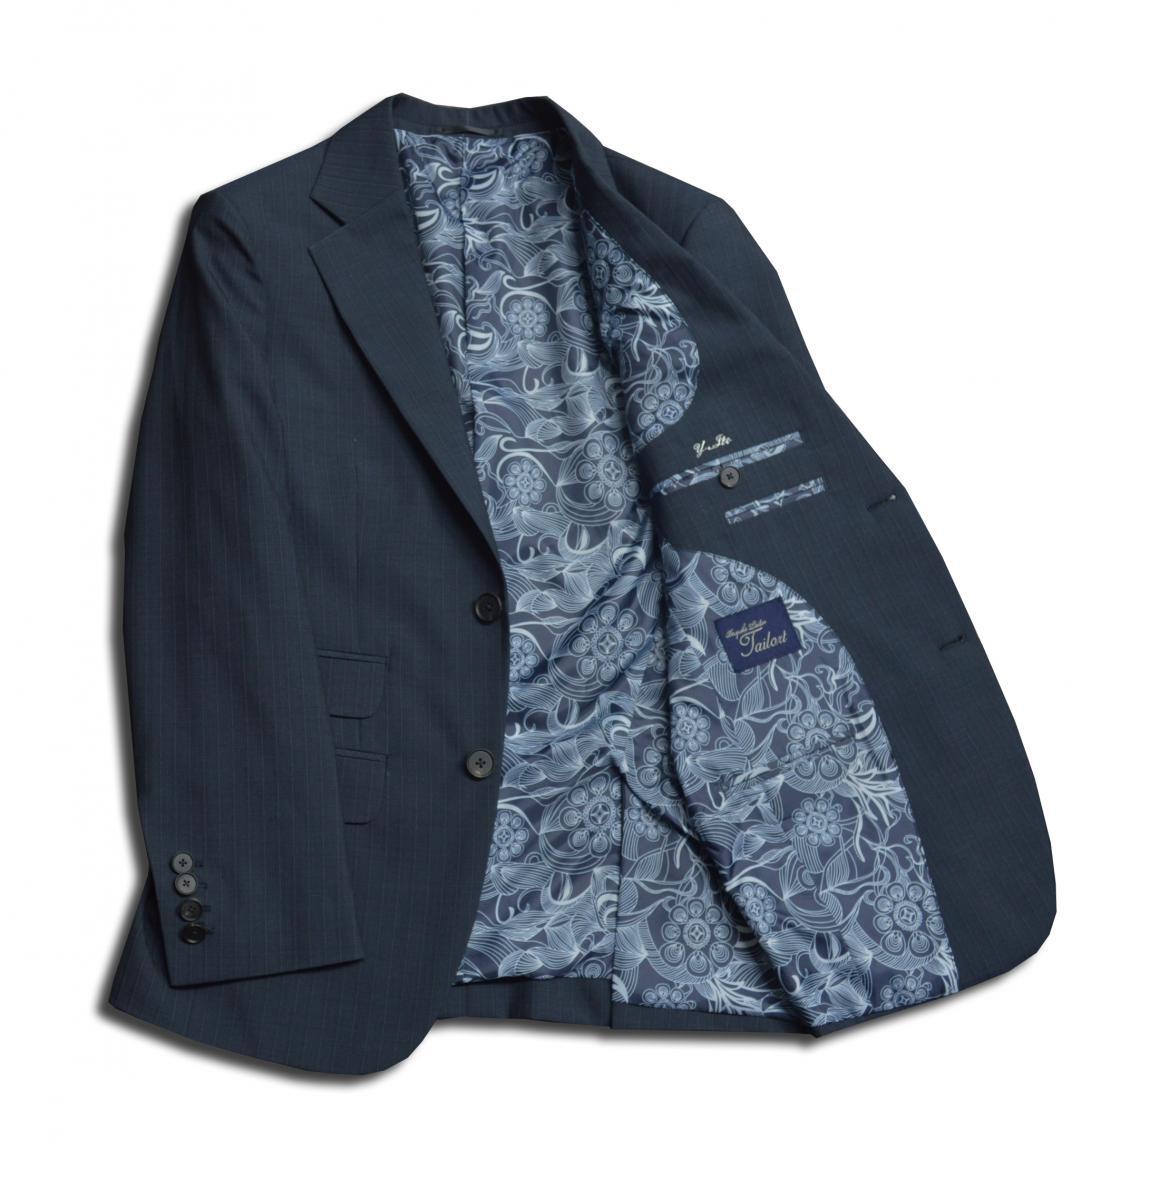 [オーダースーツ]透け感のある爽やかスーツで、暑い日のビジネスもクールに。